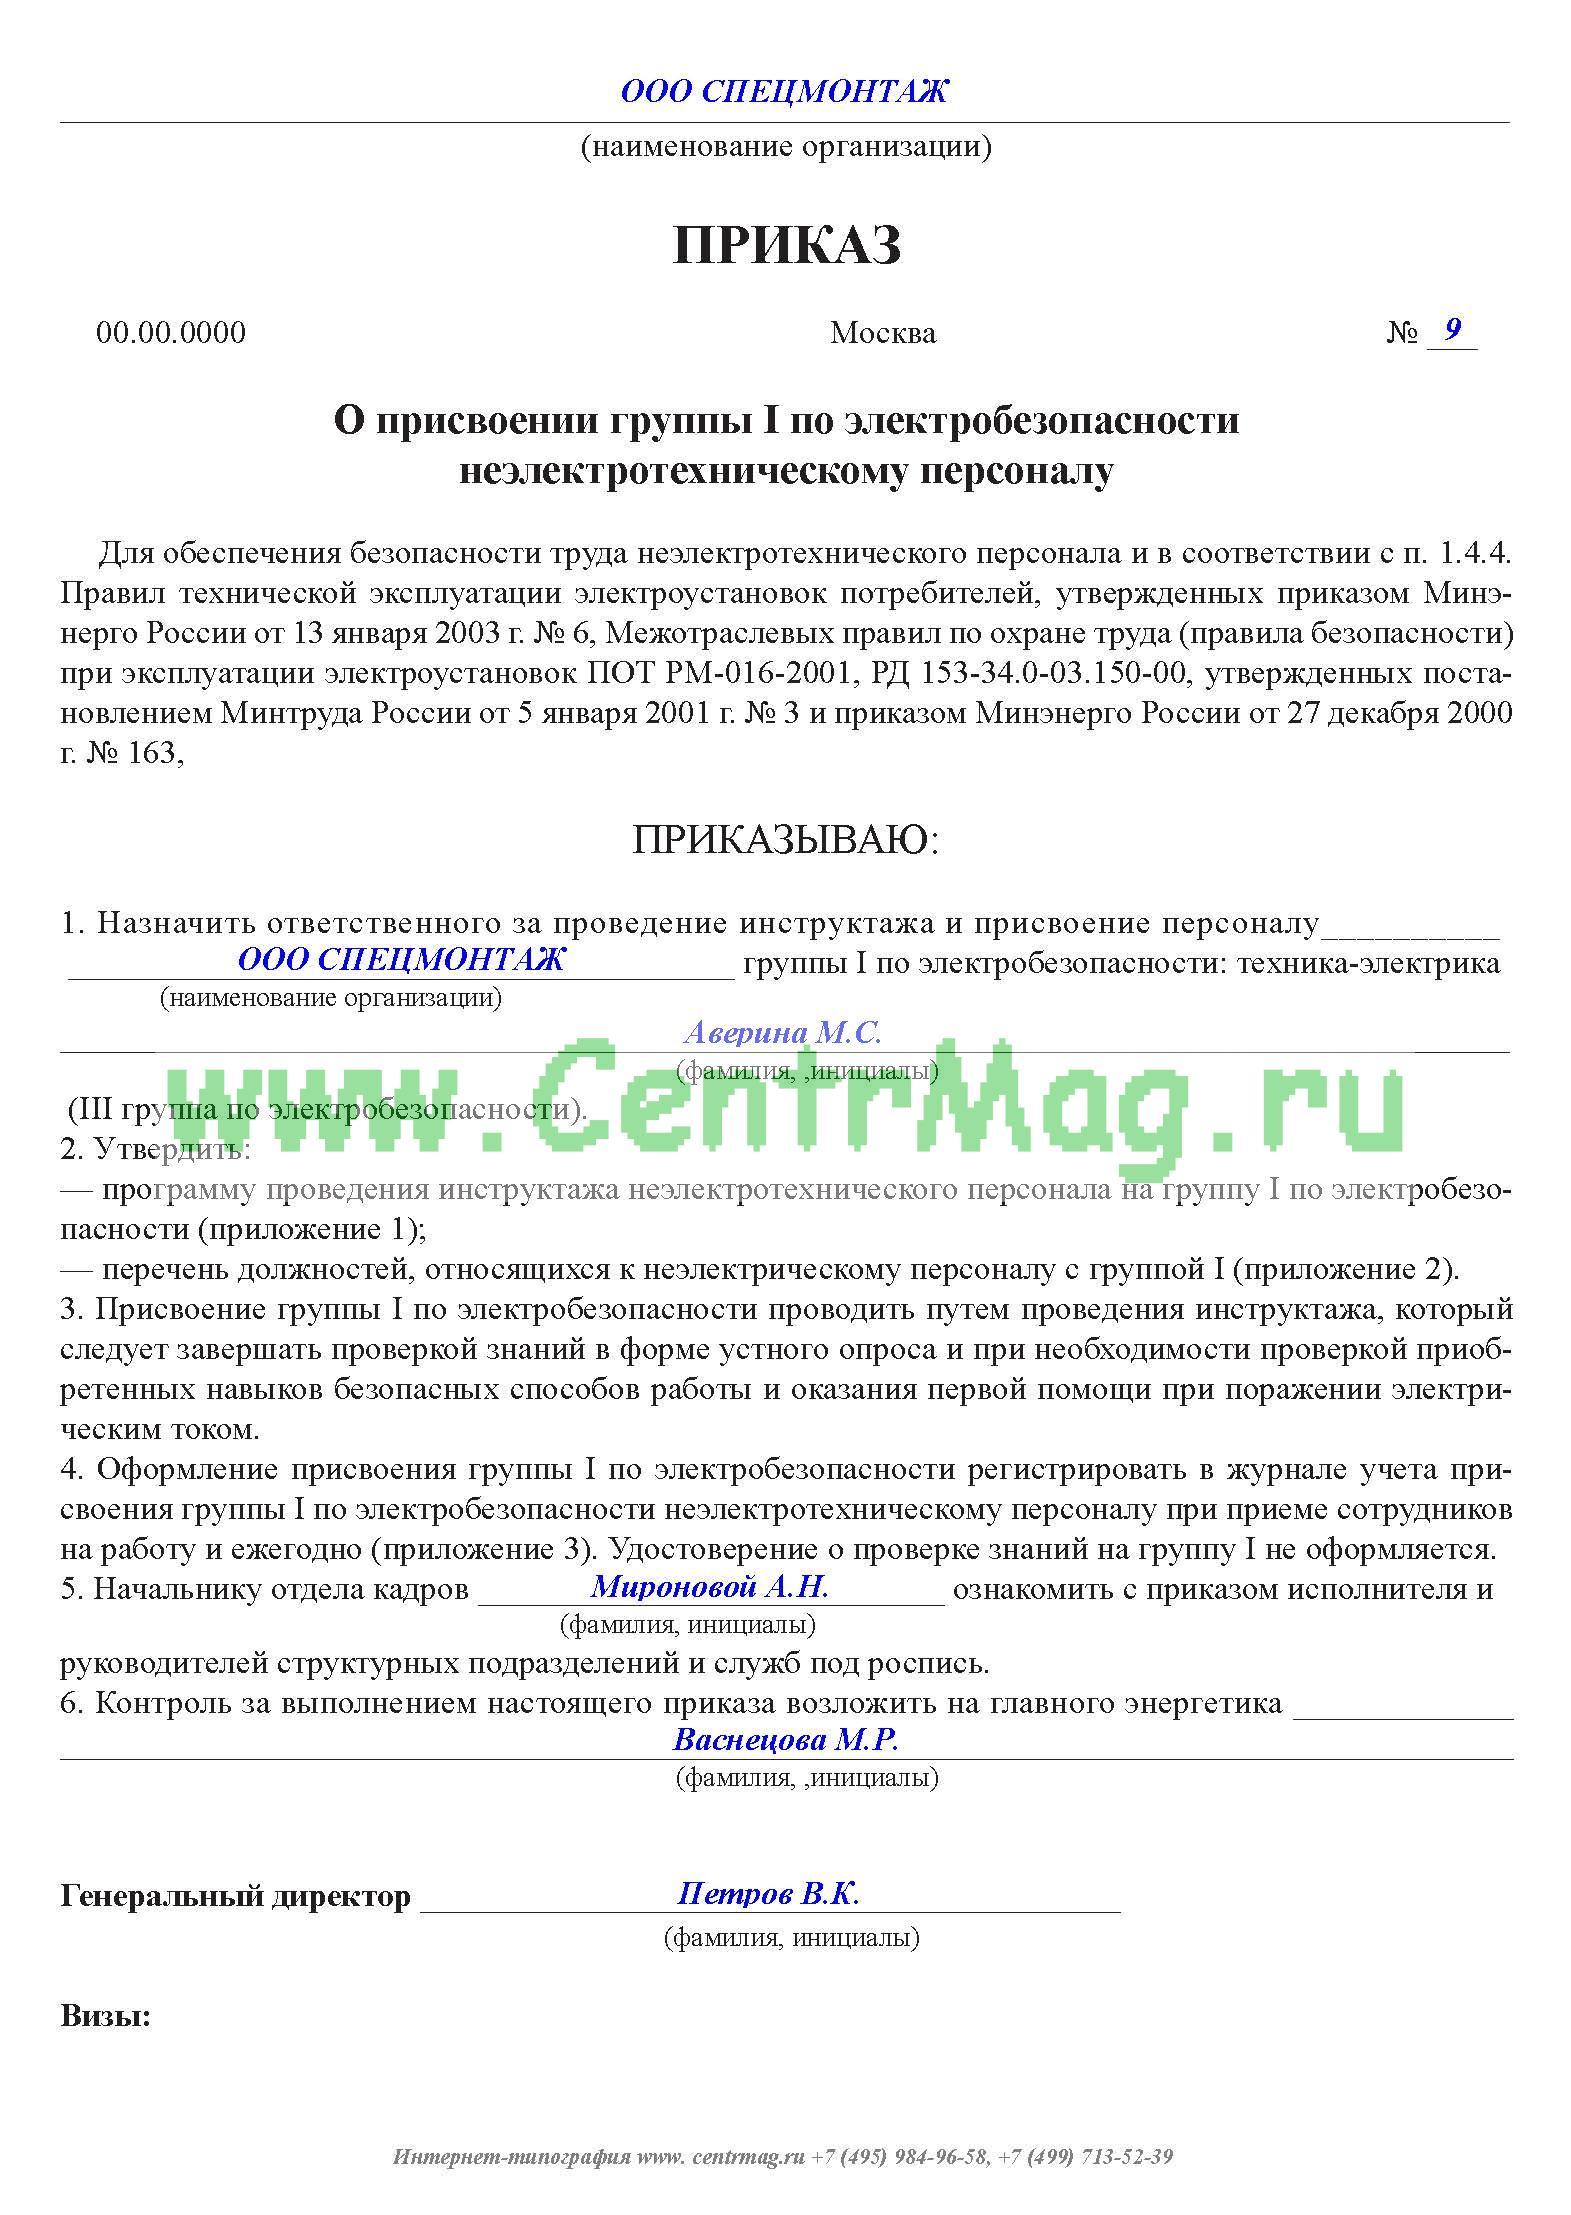 Образец перечня должностей для присвоения групп по электробезопасности для присвоения 3 группы электробезопасности комиссия